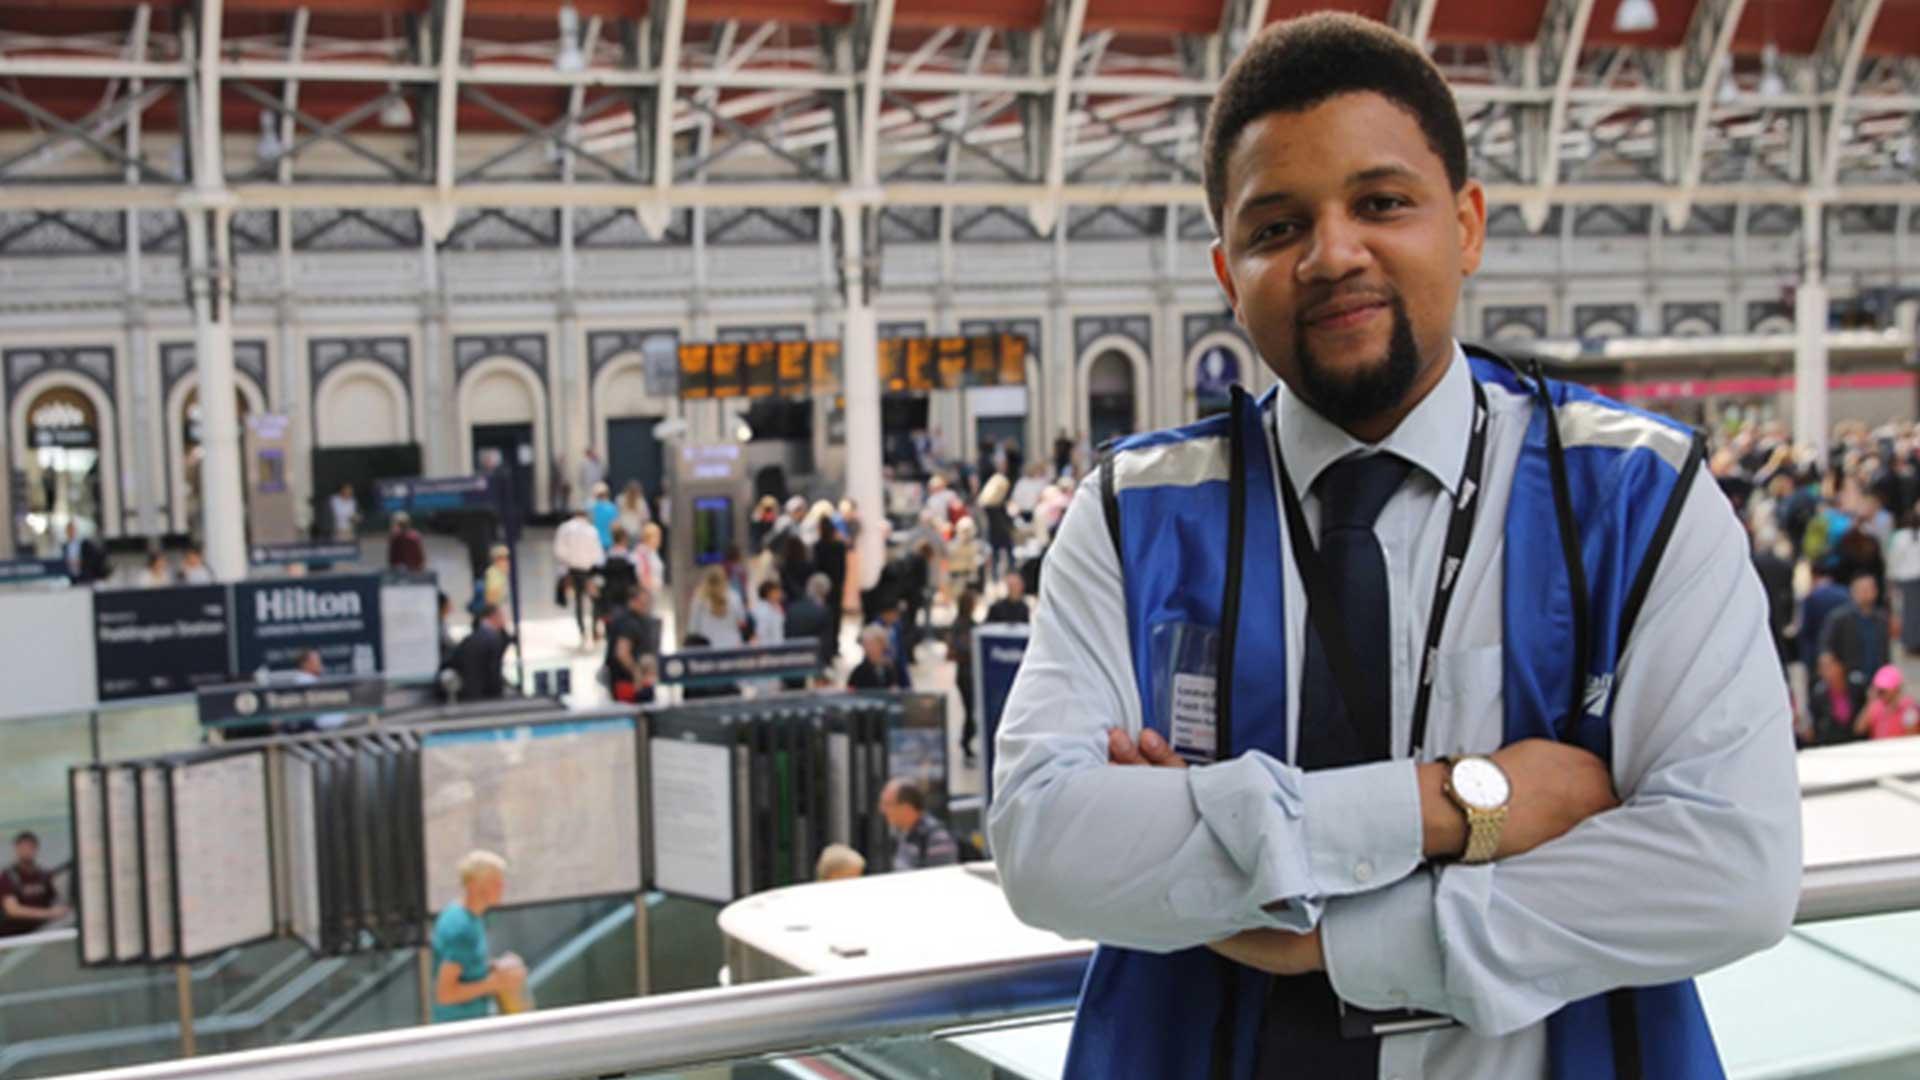 Paddington a year on the tracks